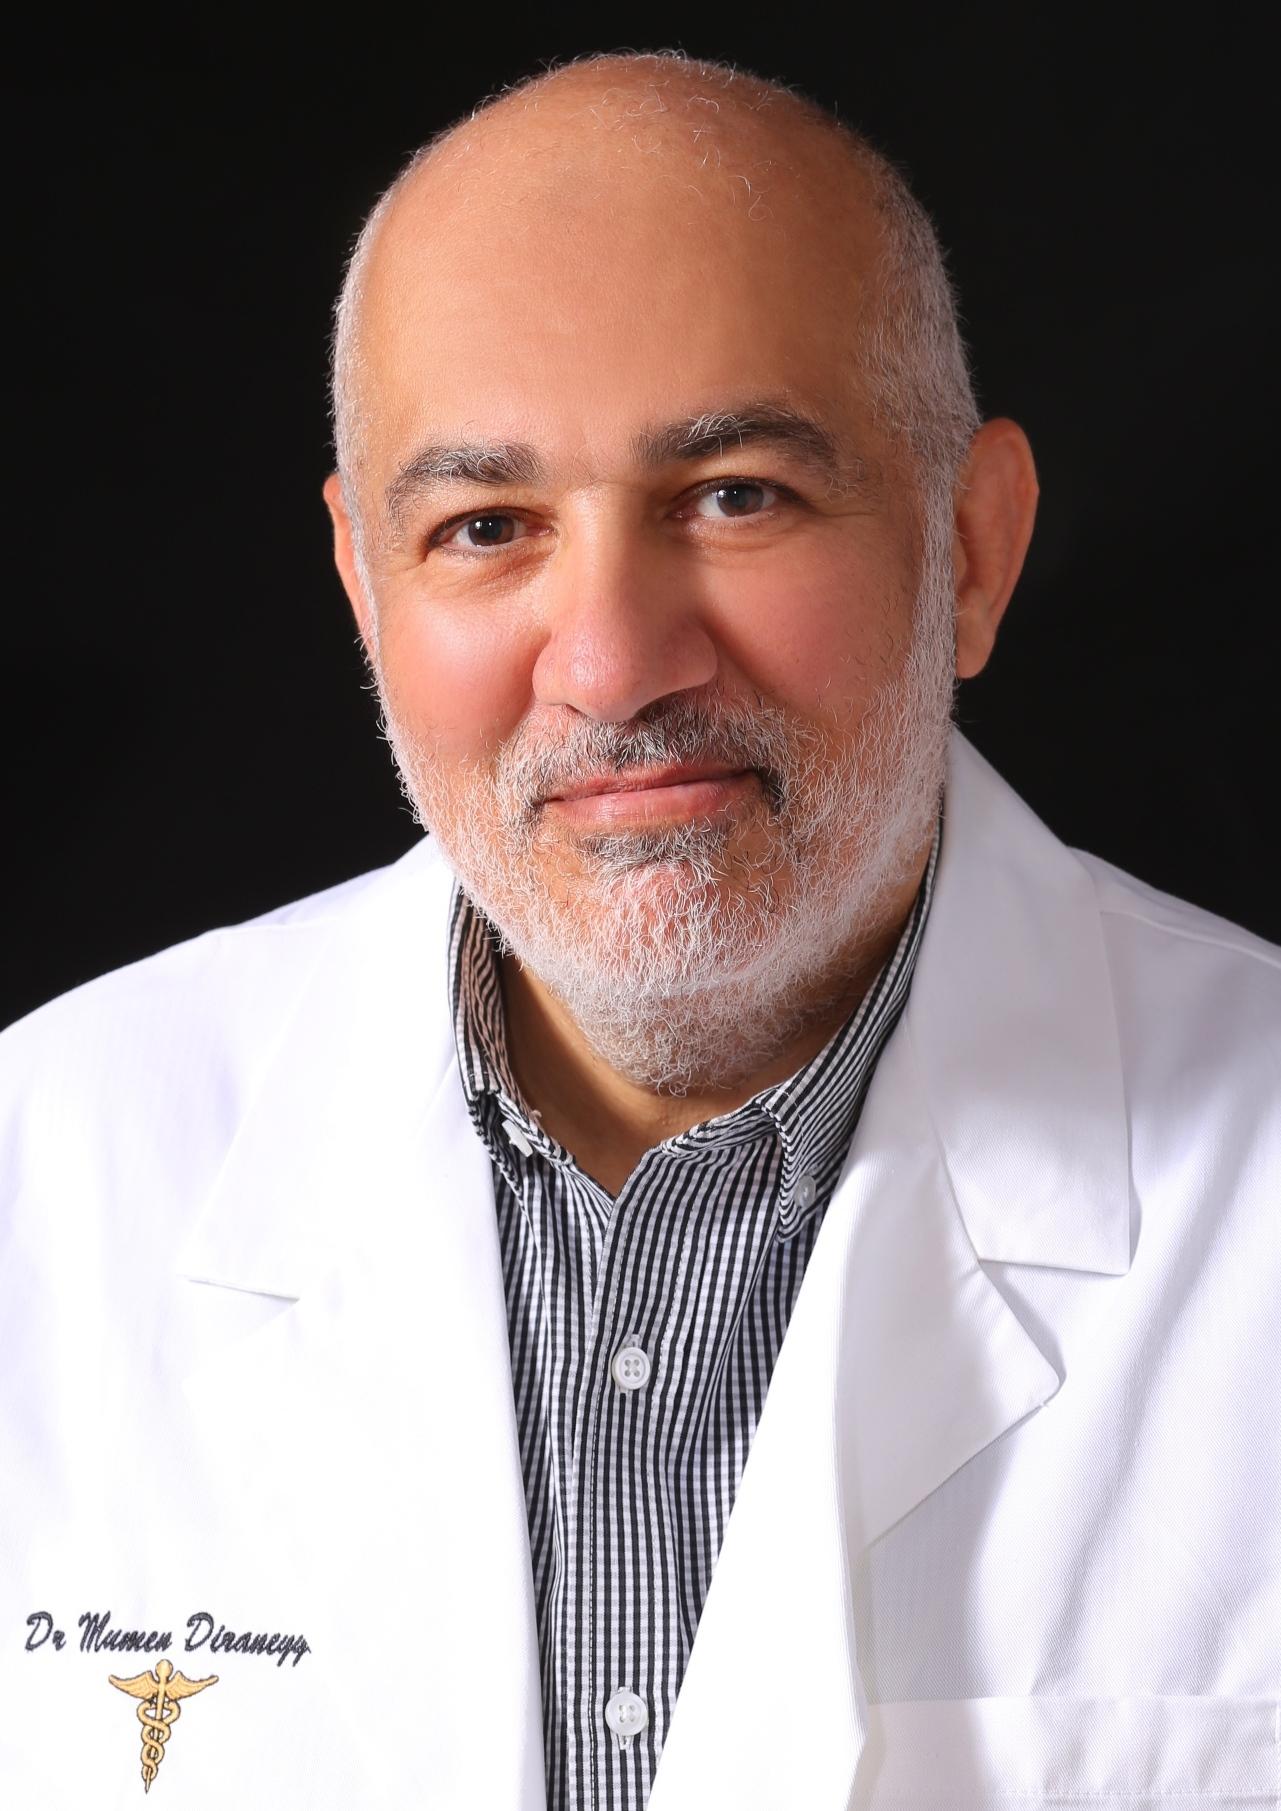 حديث في الجراحة وآفاق الجراحة العامة